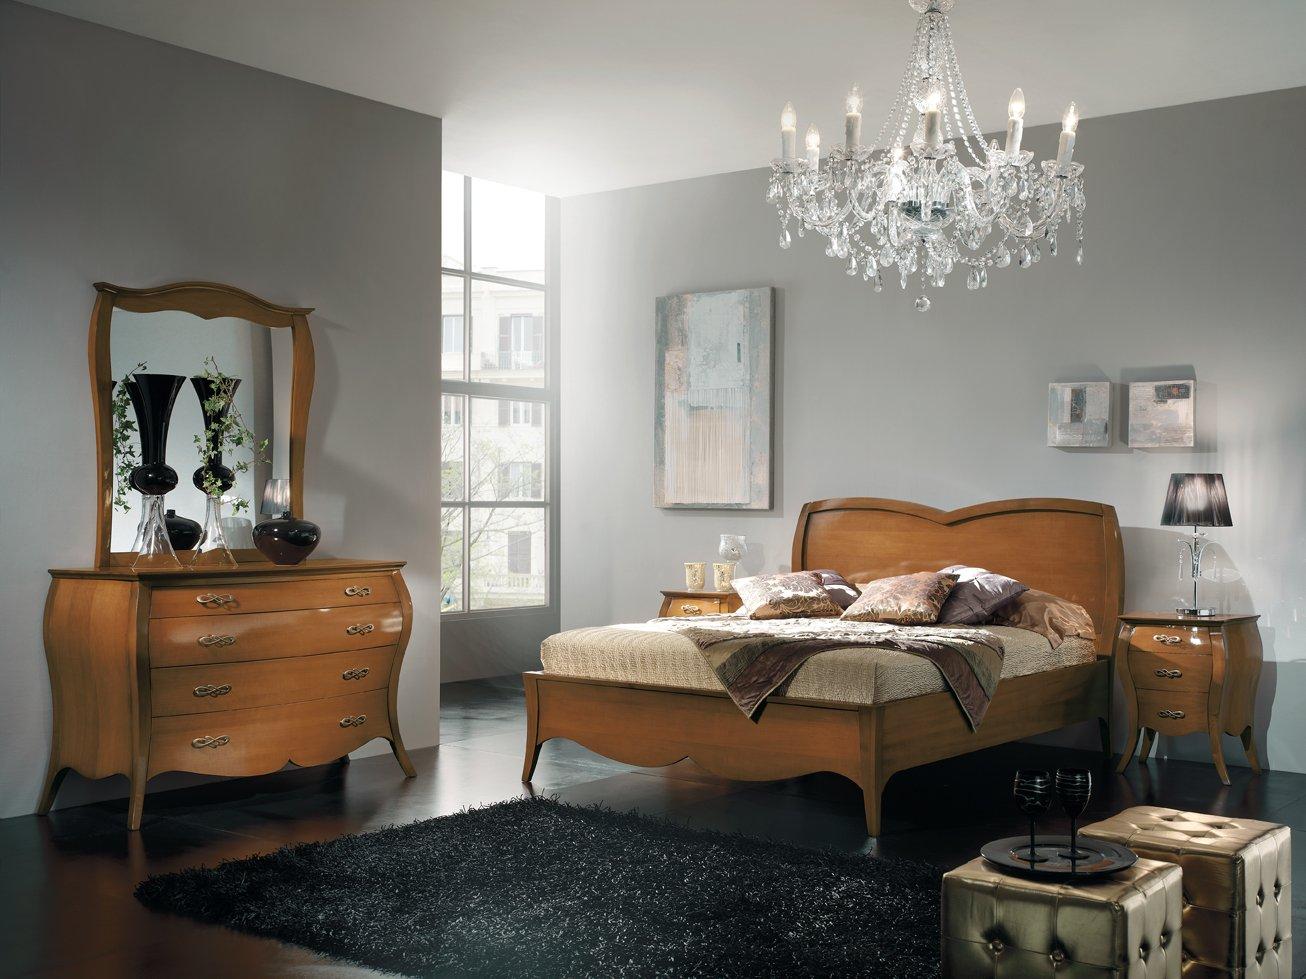 camere da letto ina rte povera divani torino